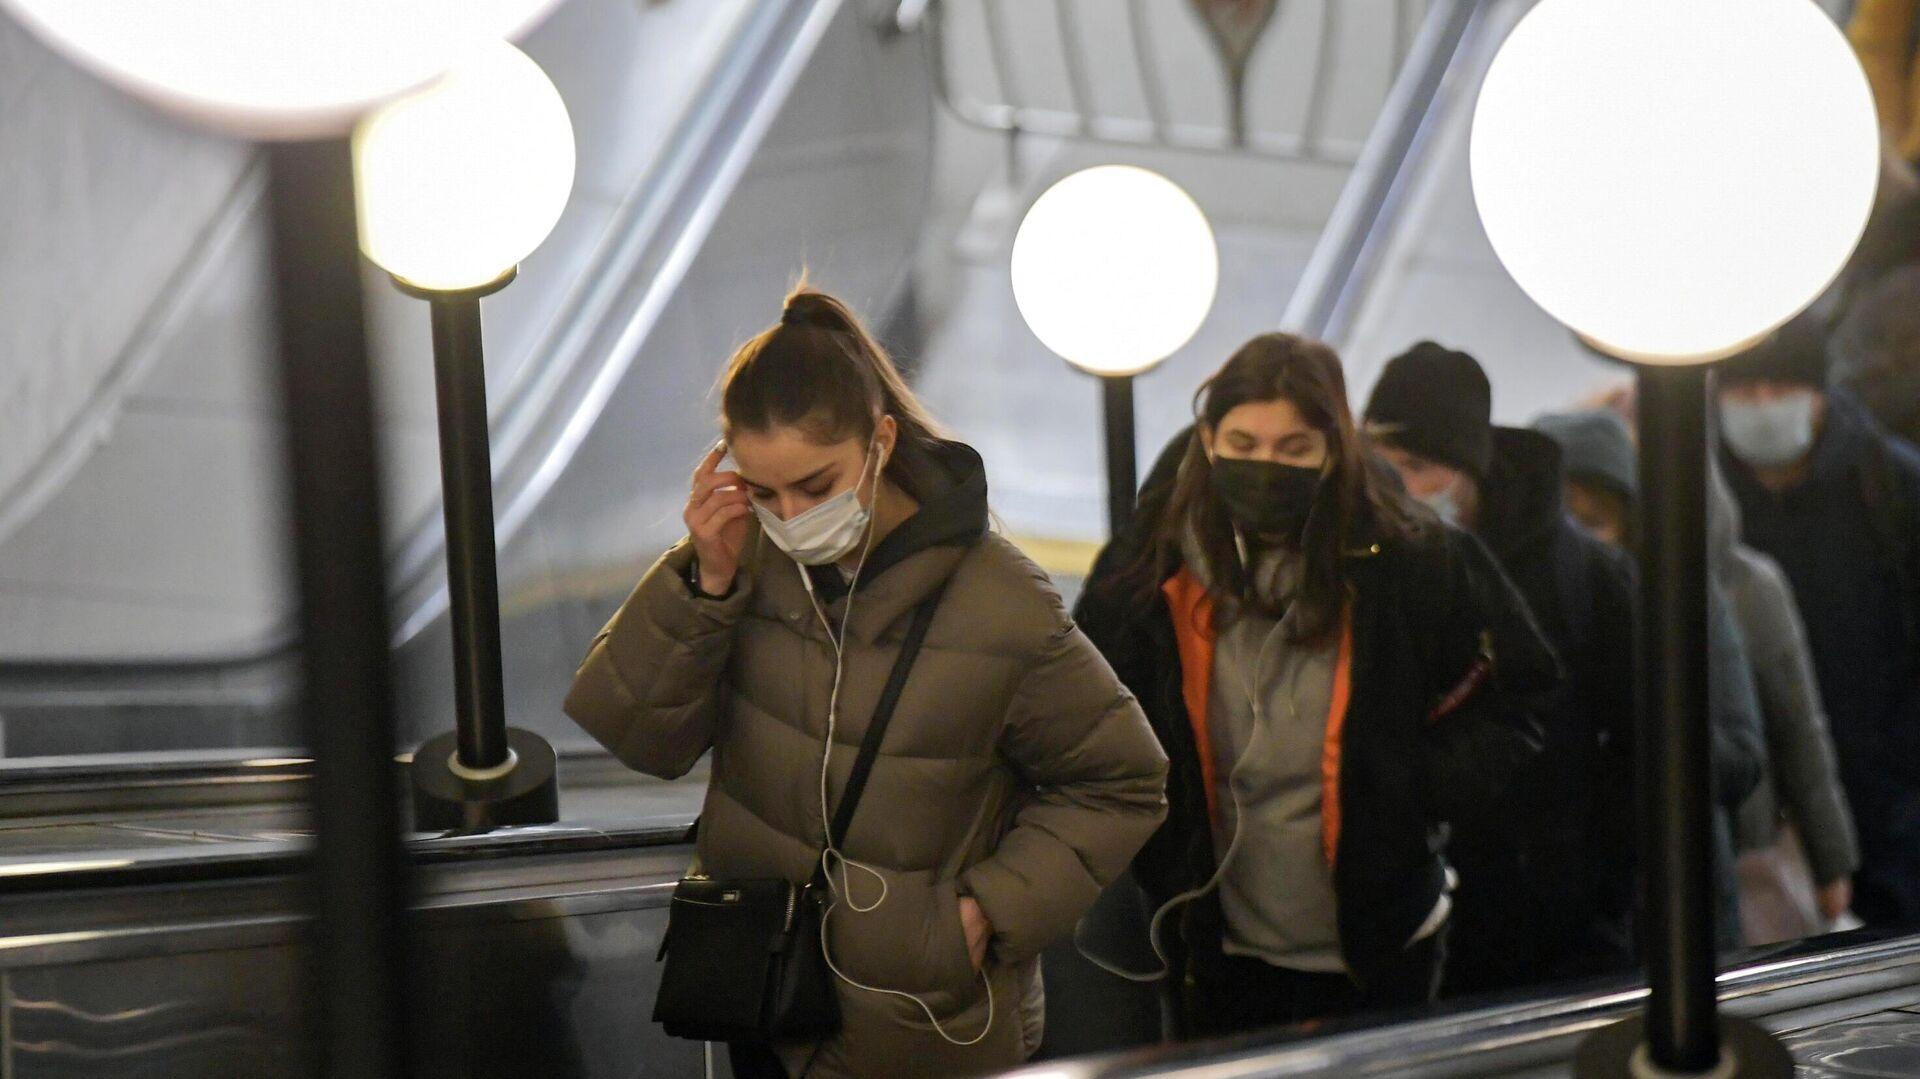 Пассажиры в защитных масках на эскалаторе в московском метрополитене - РИА Новости, 1920, 20.01.2021